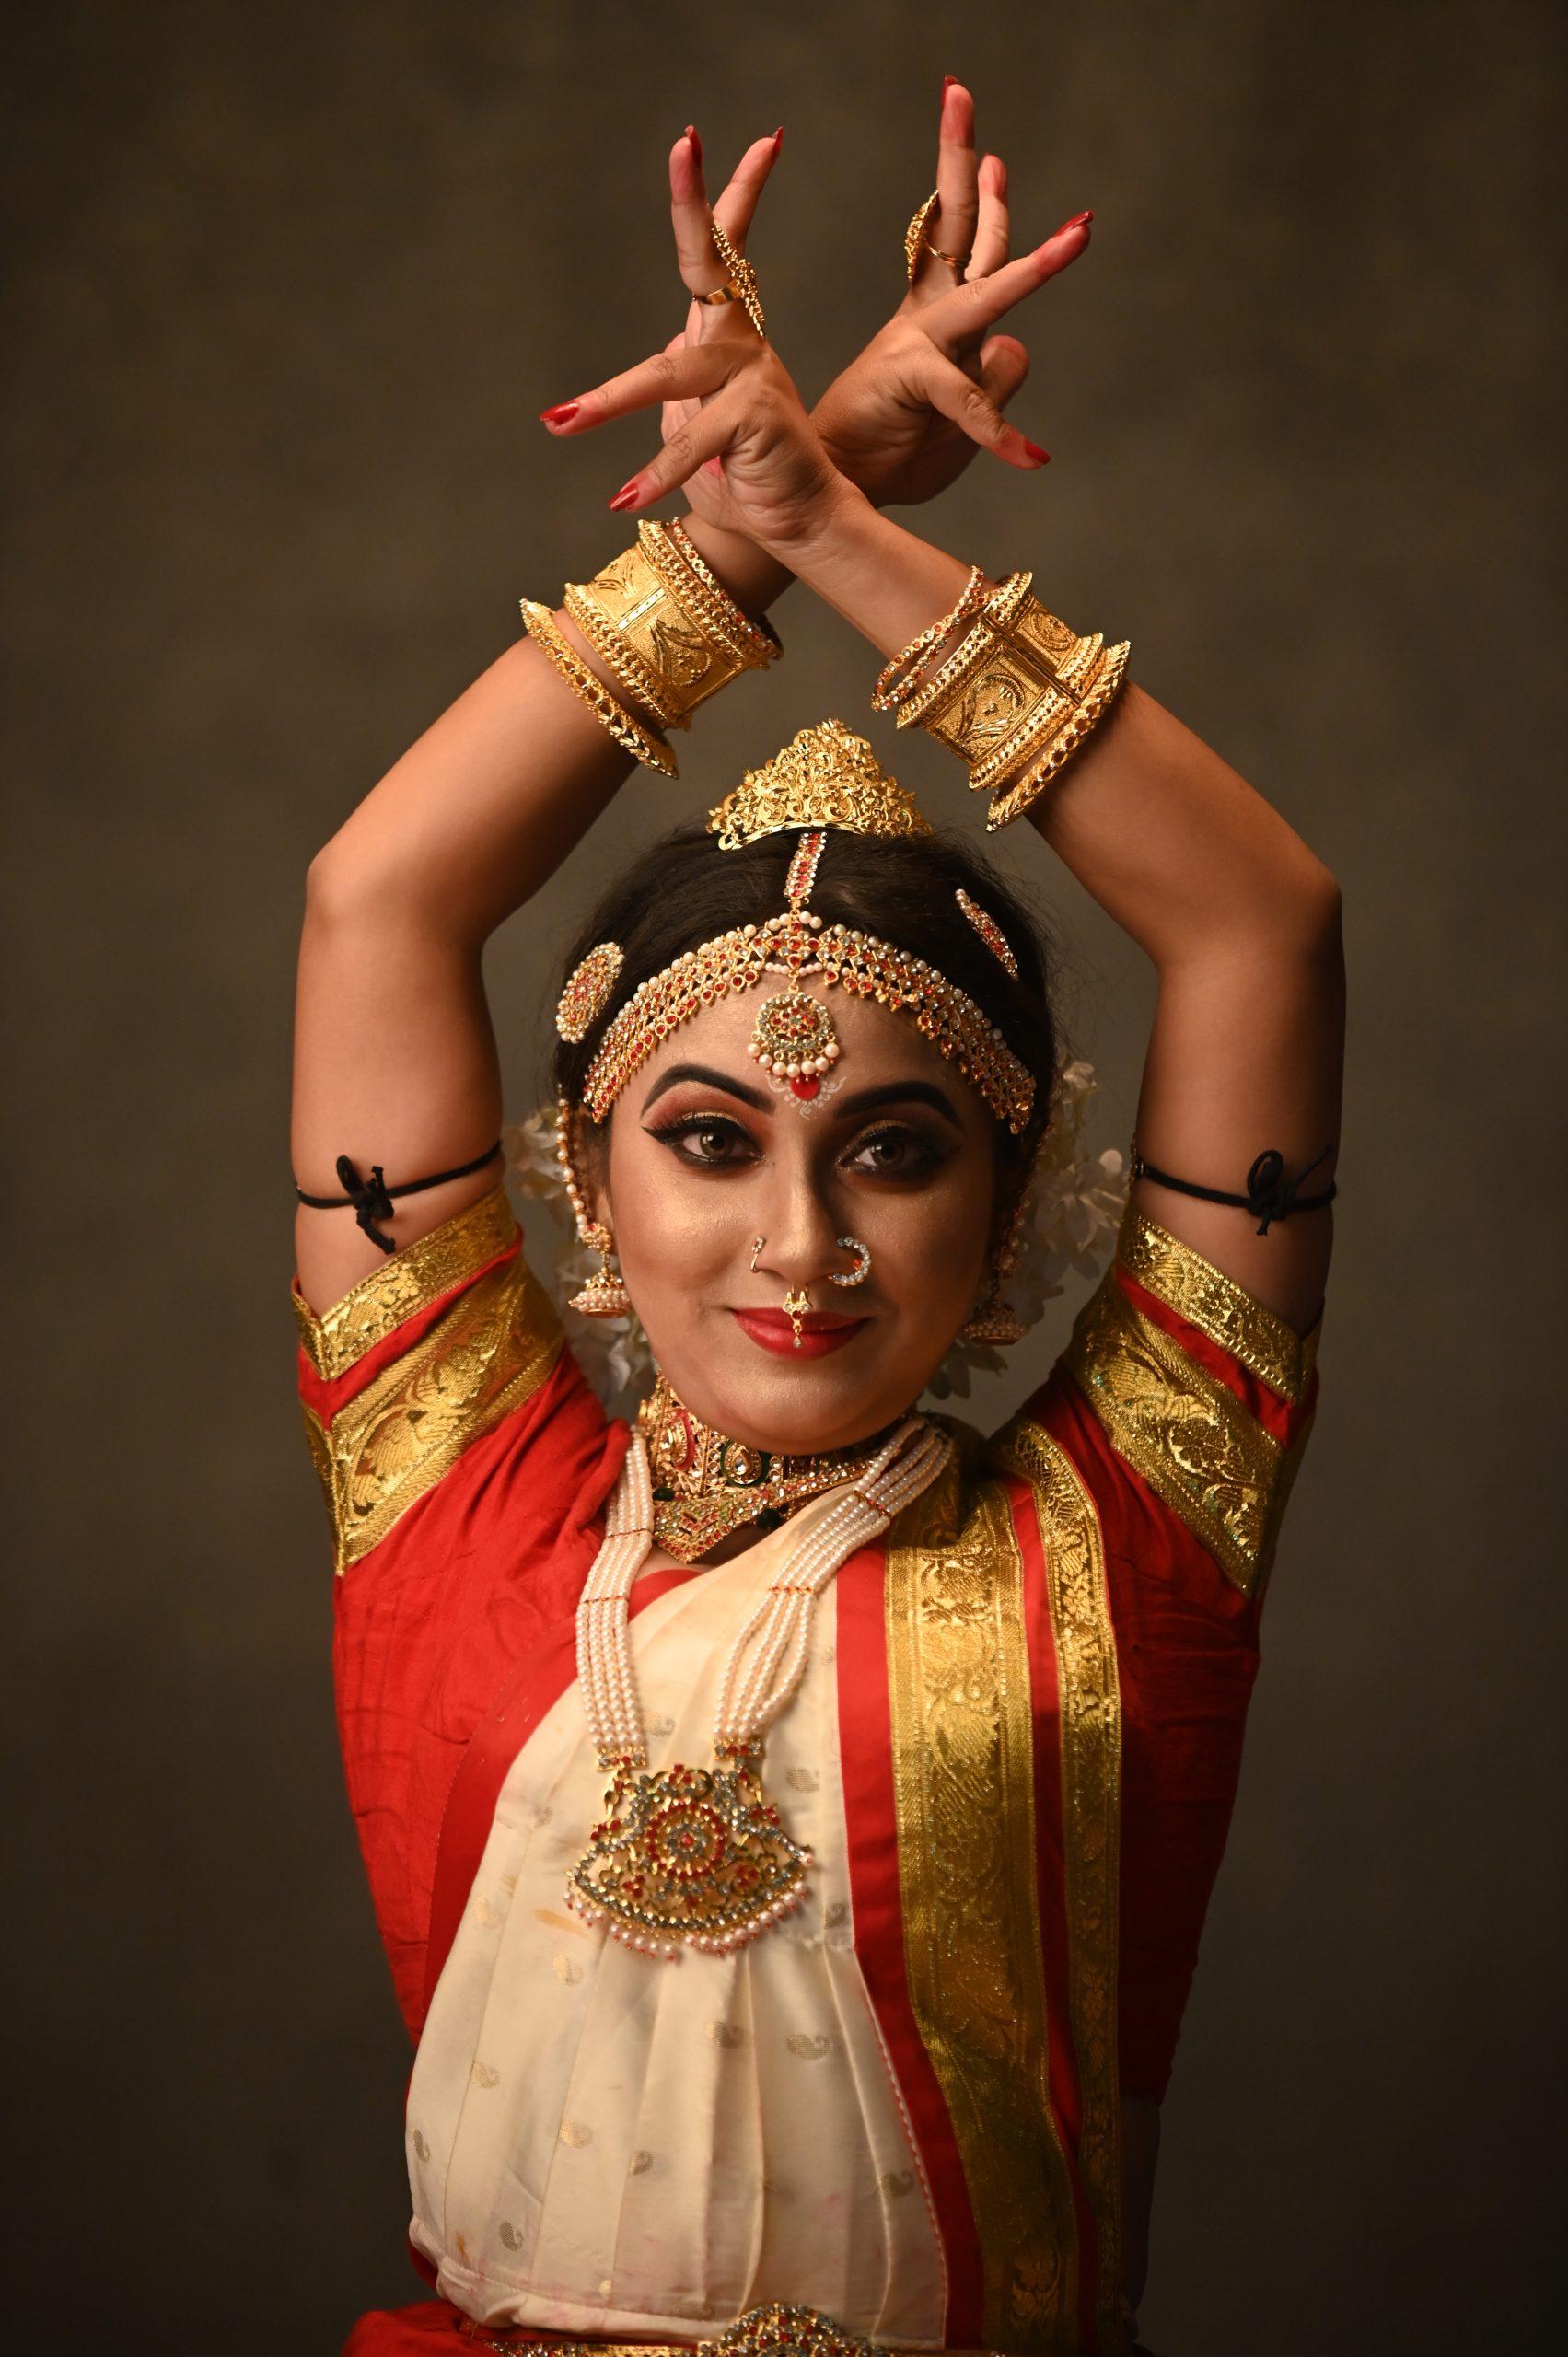 Bharatanatyam dancer posing